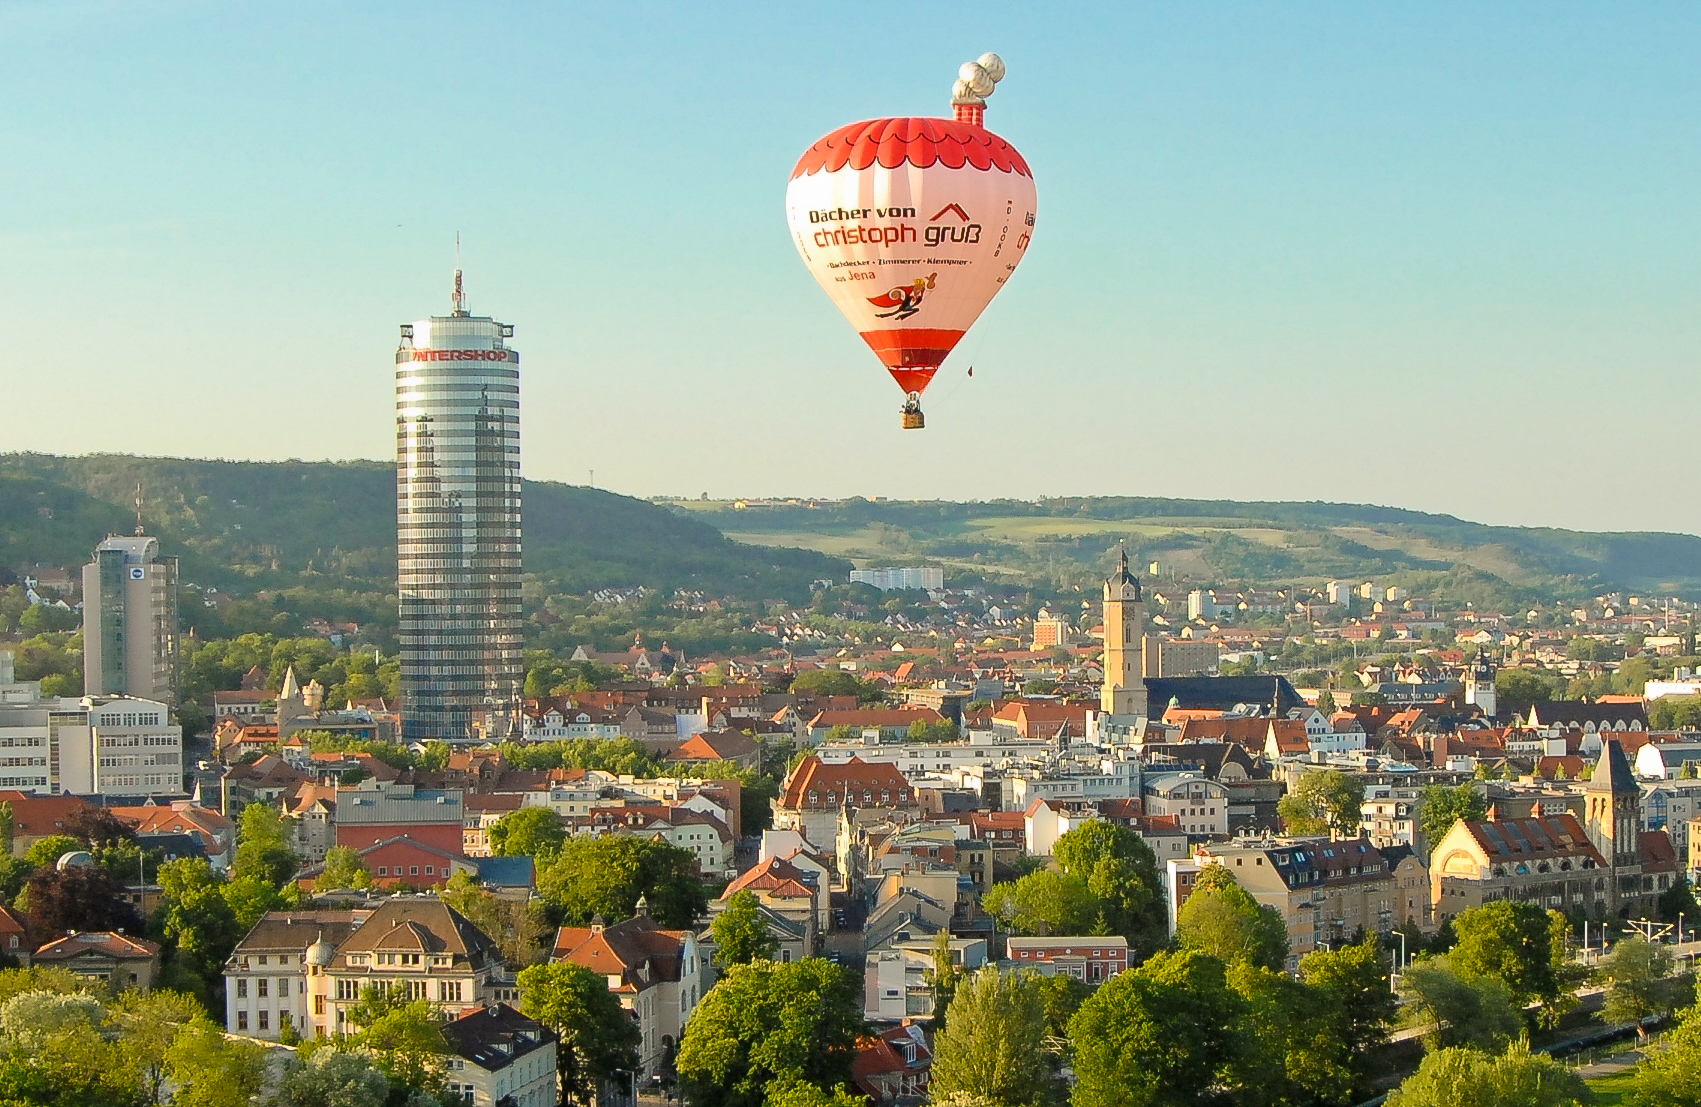 dach-gruss-dachdecker-zimmerer-klempner-jena-jentower-heissluftballon